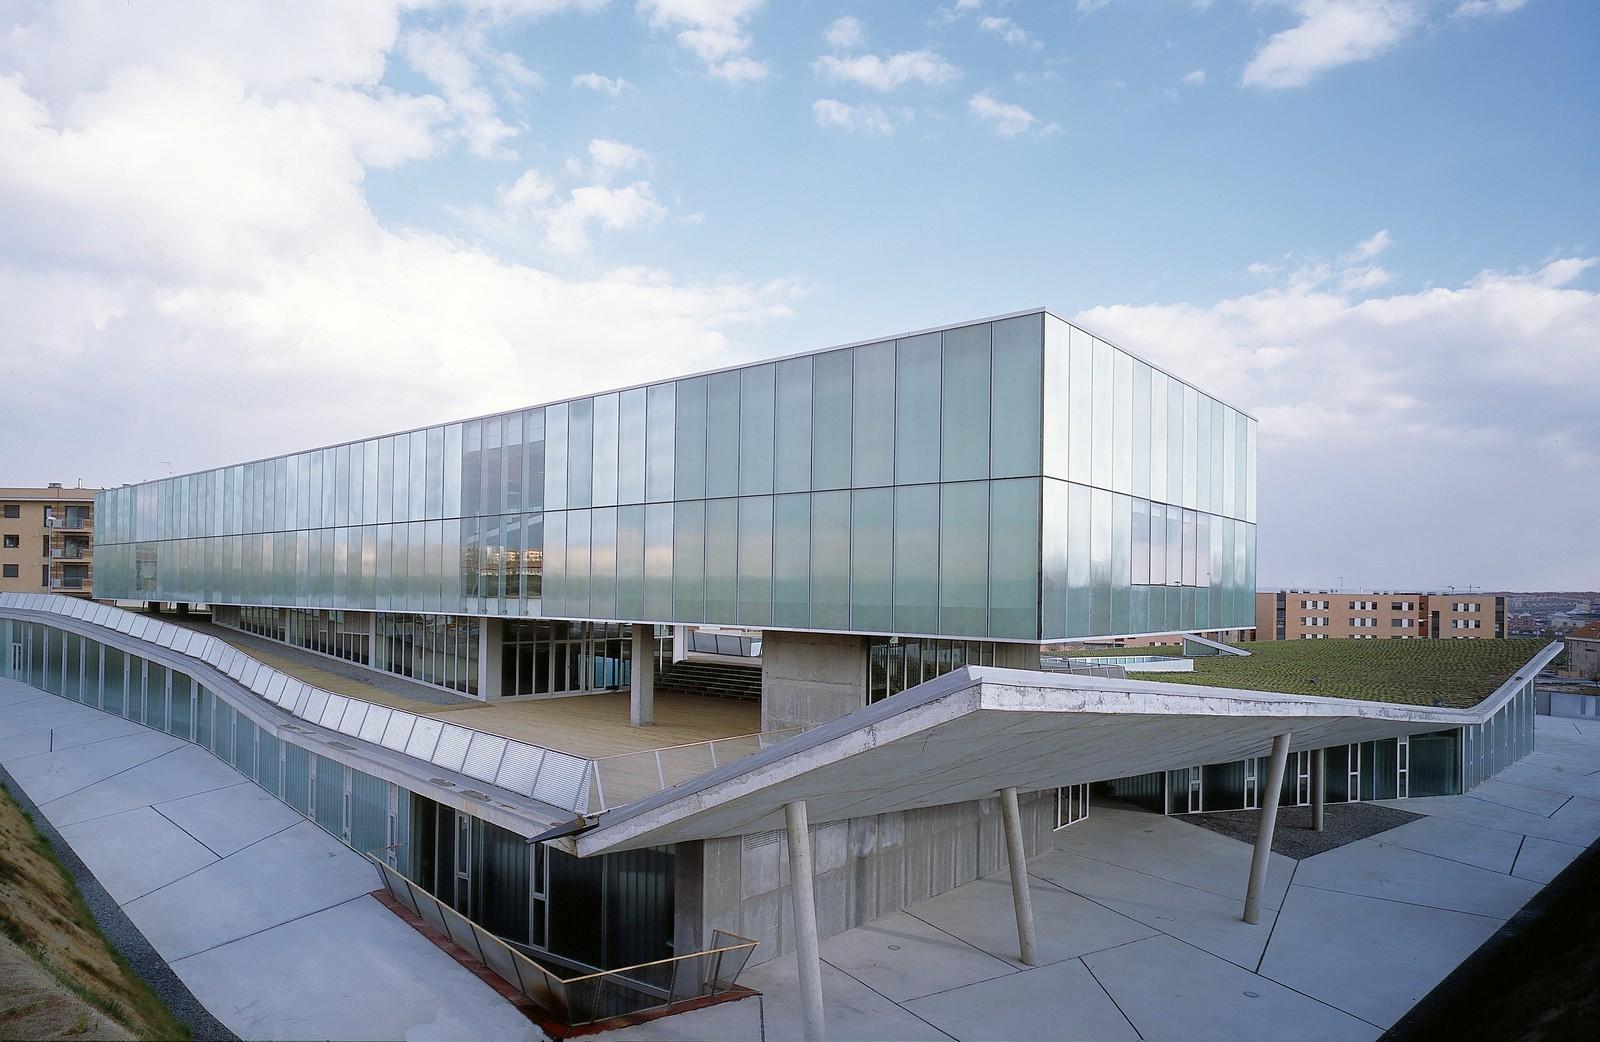 Instituto de neurociencias de castilla y le n canvas for Arquitectura de proyectos